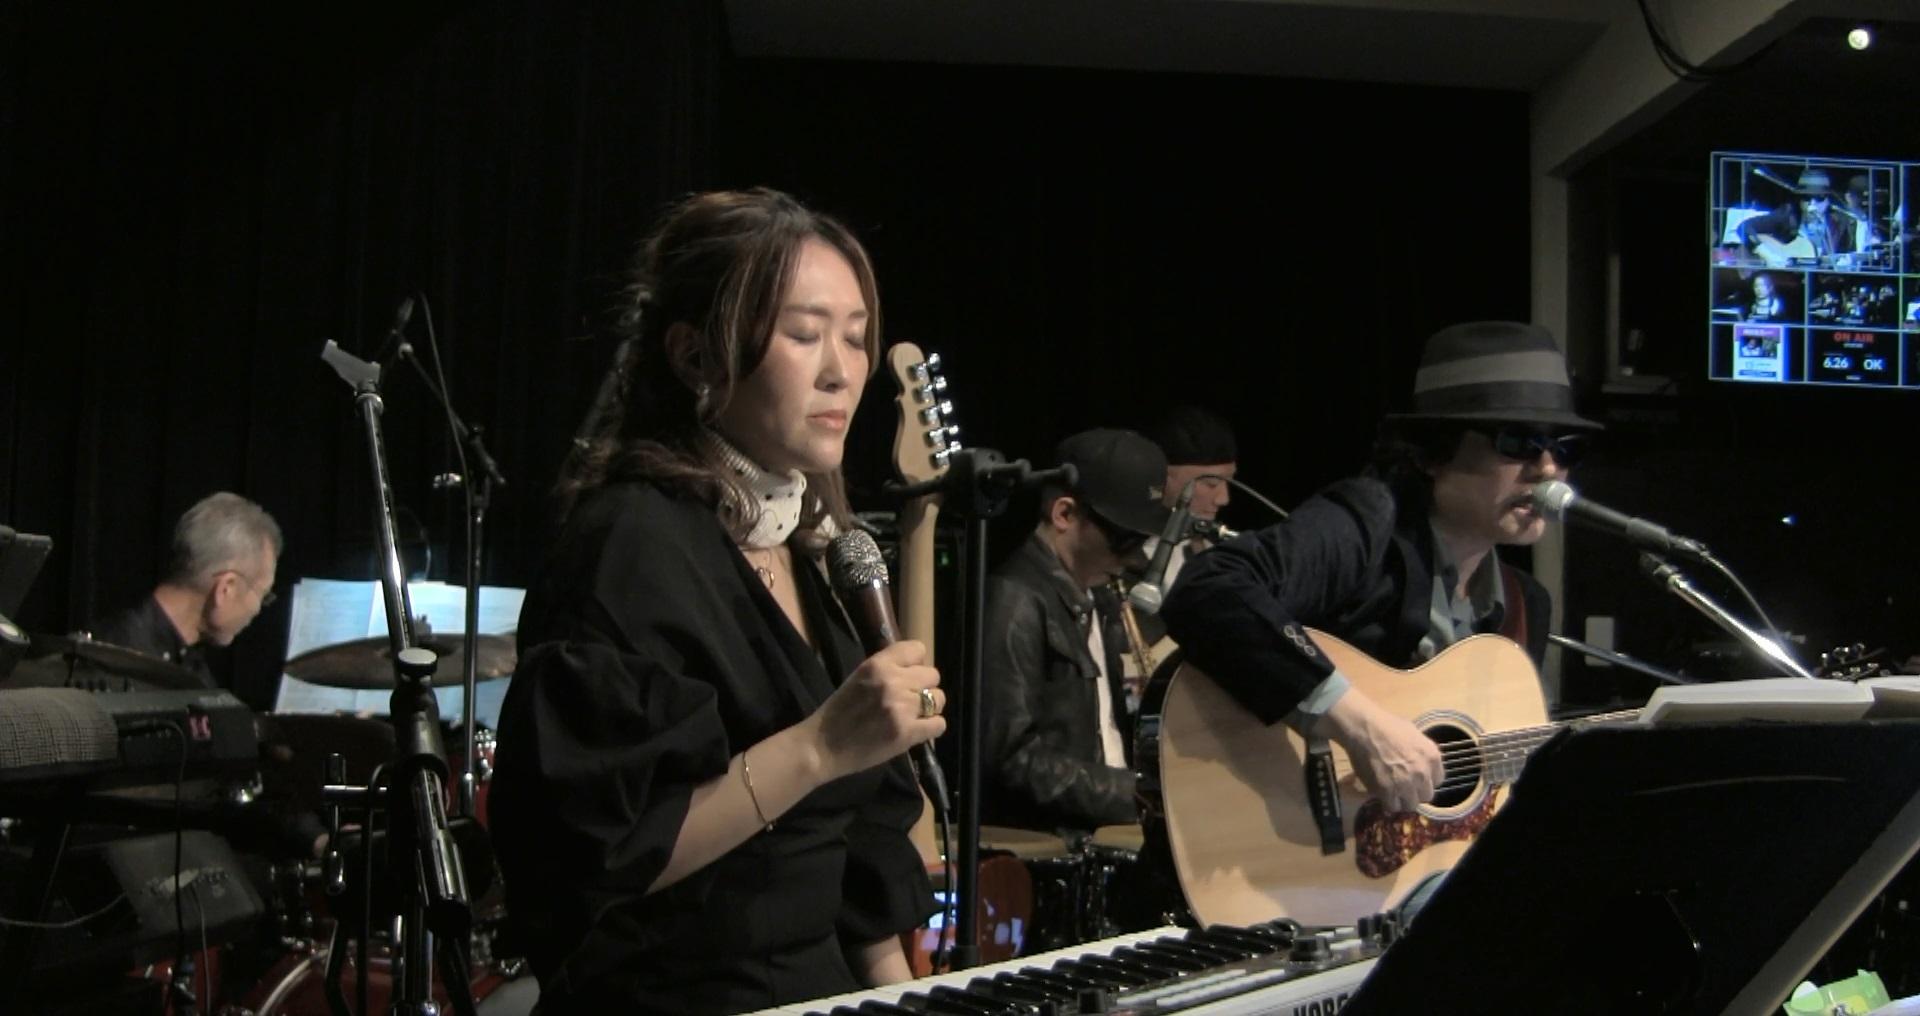 濱田金吾LIVE@横浜ParadiseCafe ありがとうございました!_a0088007_23200398.jpg